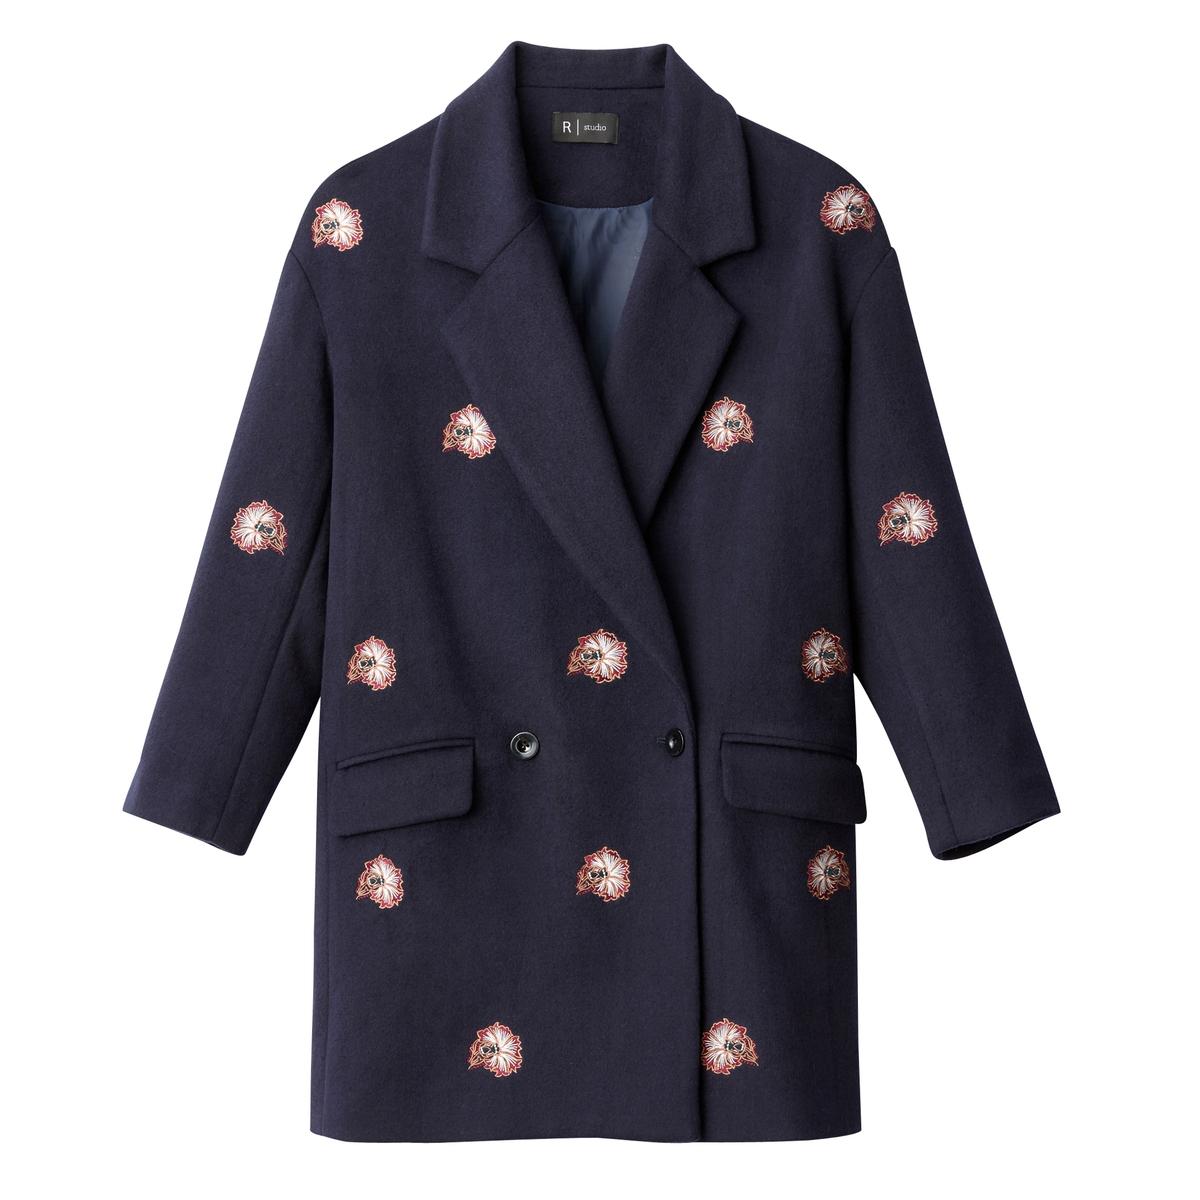 Пальто с вышивкойОписание:Пальто темно-синее с контрастной вышивкой . Английский воротник. Двубортная планка застежки. 2 кармана.Детали •  Длина  : средняя •  Воротник пиджачный •  Рисунок-принт • Застежка на пуговицыСостав и уход •  28% шерсти, 72% полиэстера •  Подкладка : 100% полиэстер • Не стирать   •  Любые растворитель / не отбеливать   •  Не использовать барабанную сушку •  Не гладить •  Длина  : 88 см<br><br>Цвет: темно-синий с вышивкой<br>Размер: 44 (FR) - 50 (RUS).38 (FR) - 44 (RUS)